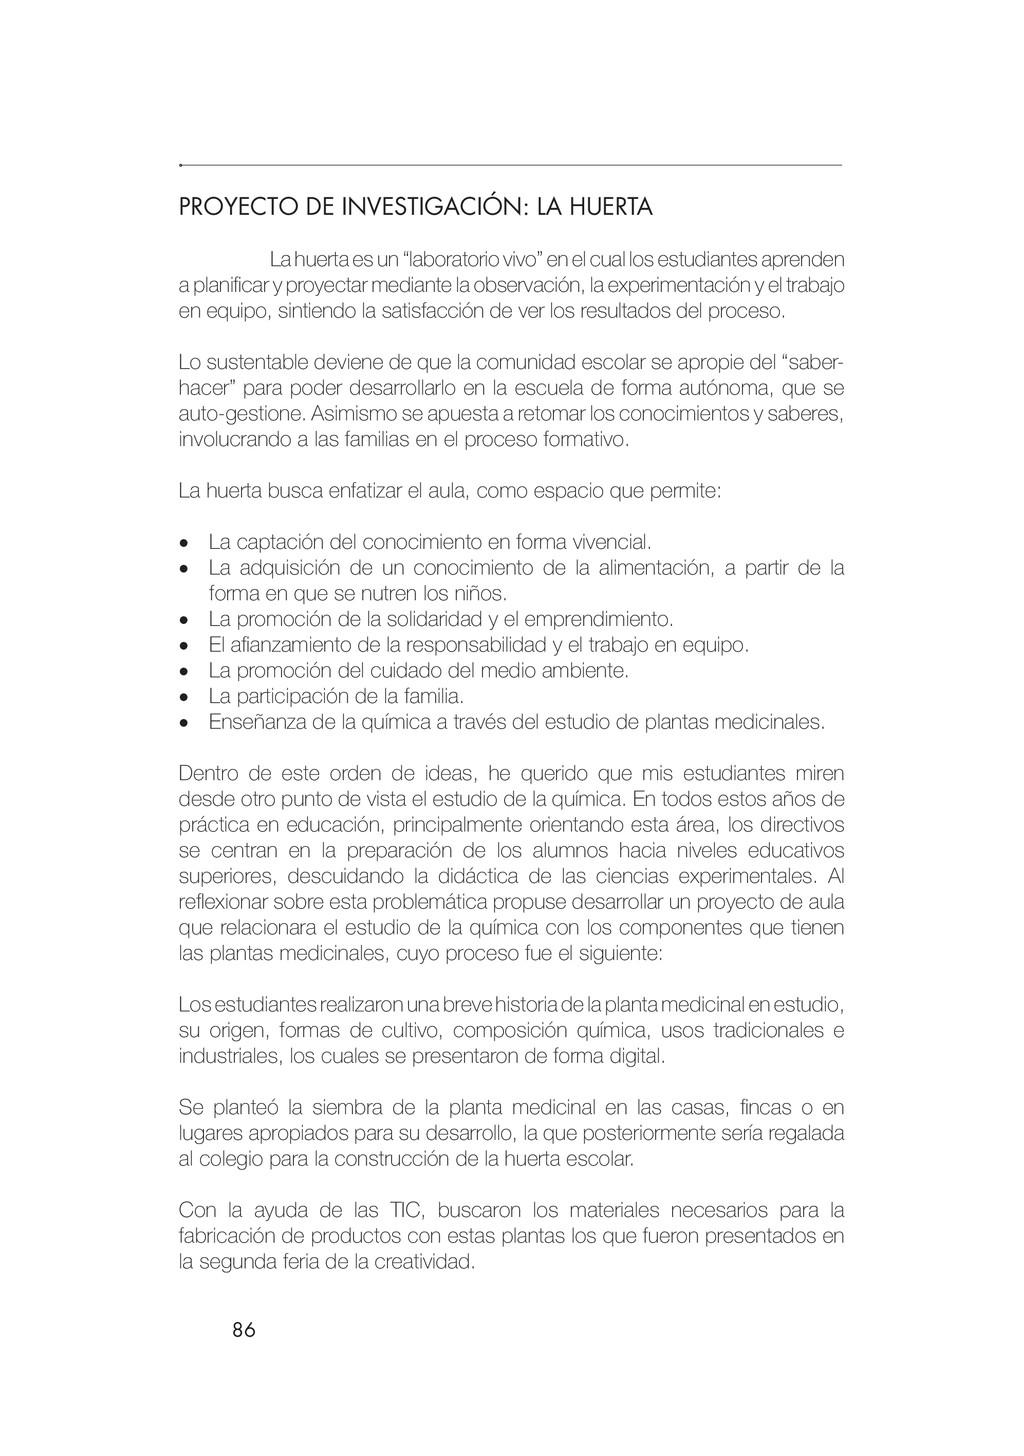 86 PROYECTO DE INVESTIGACIÓN: LA HUERTA La huer...